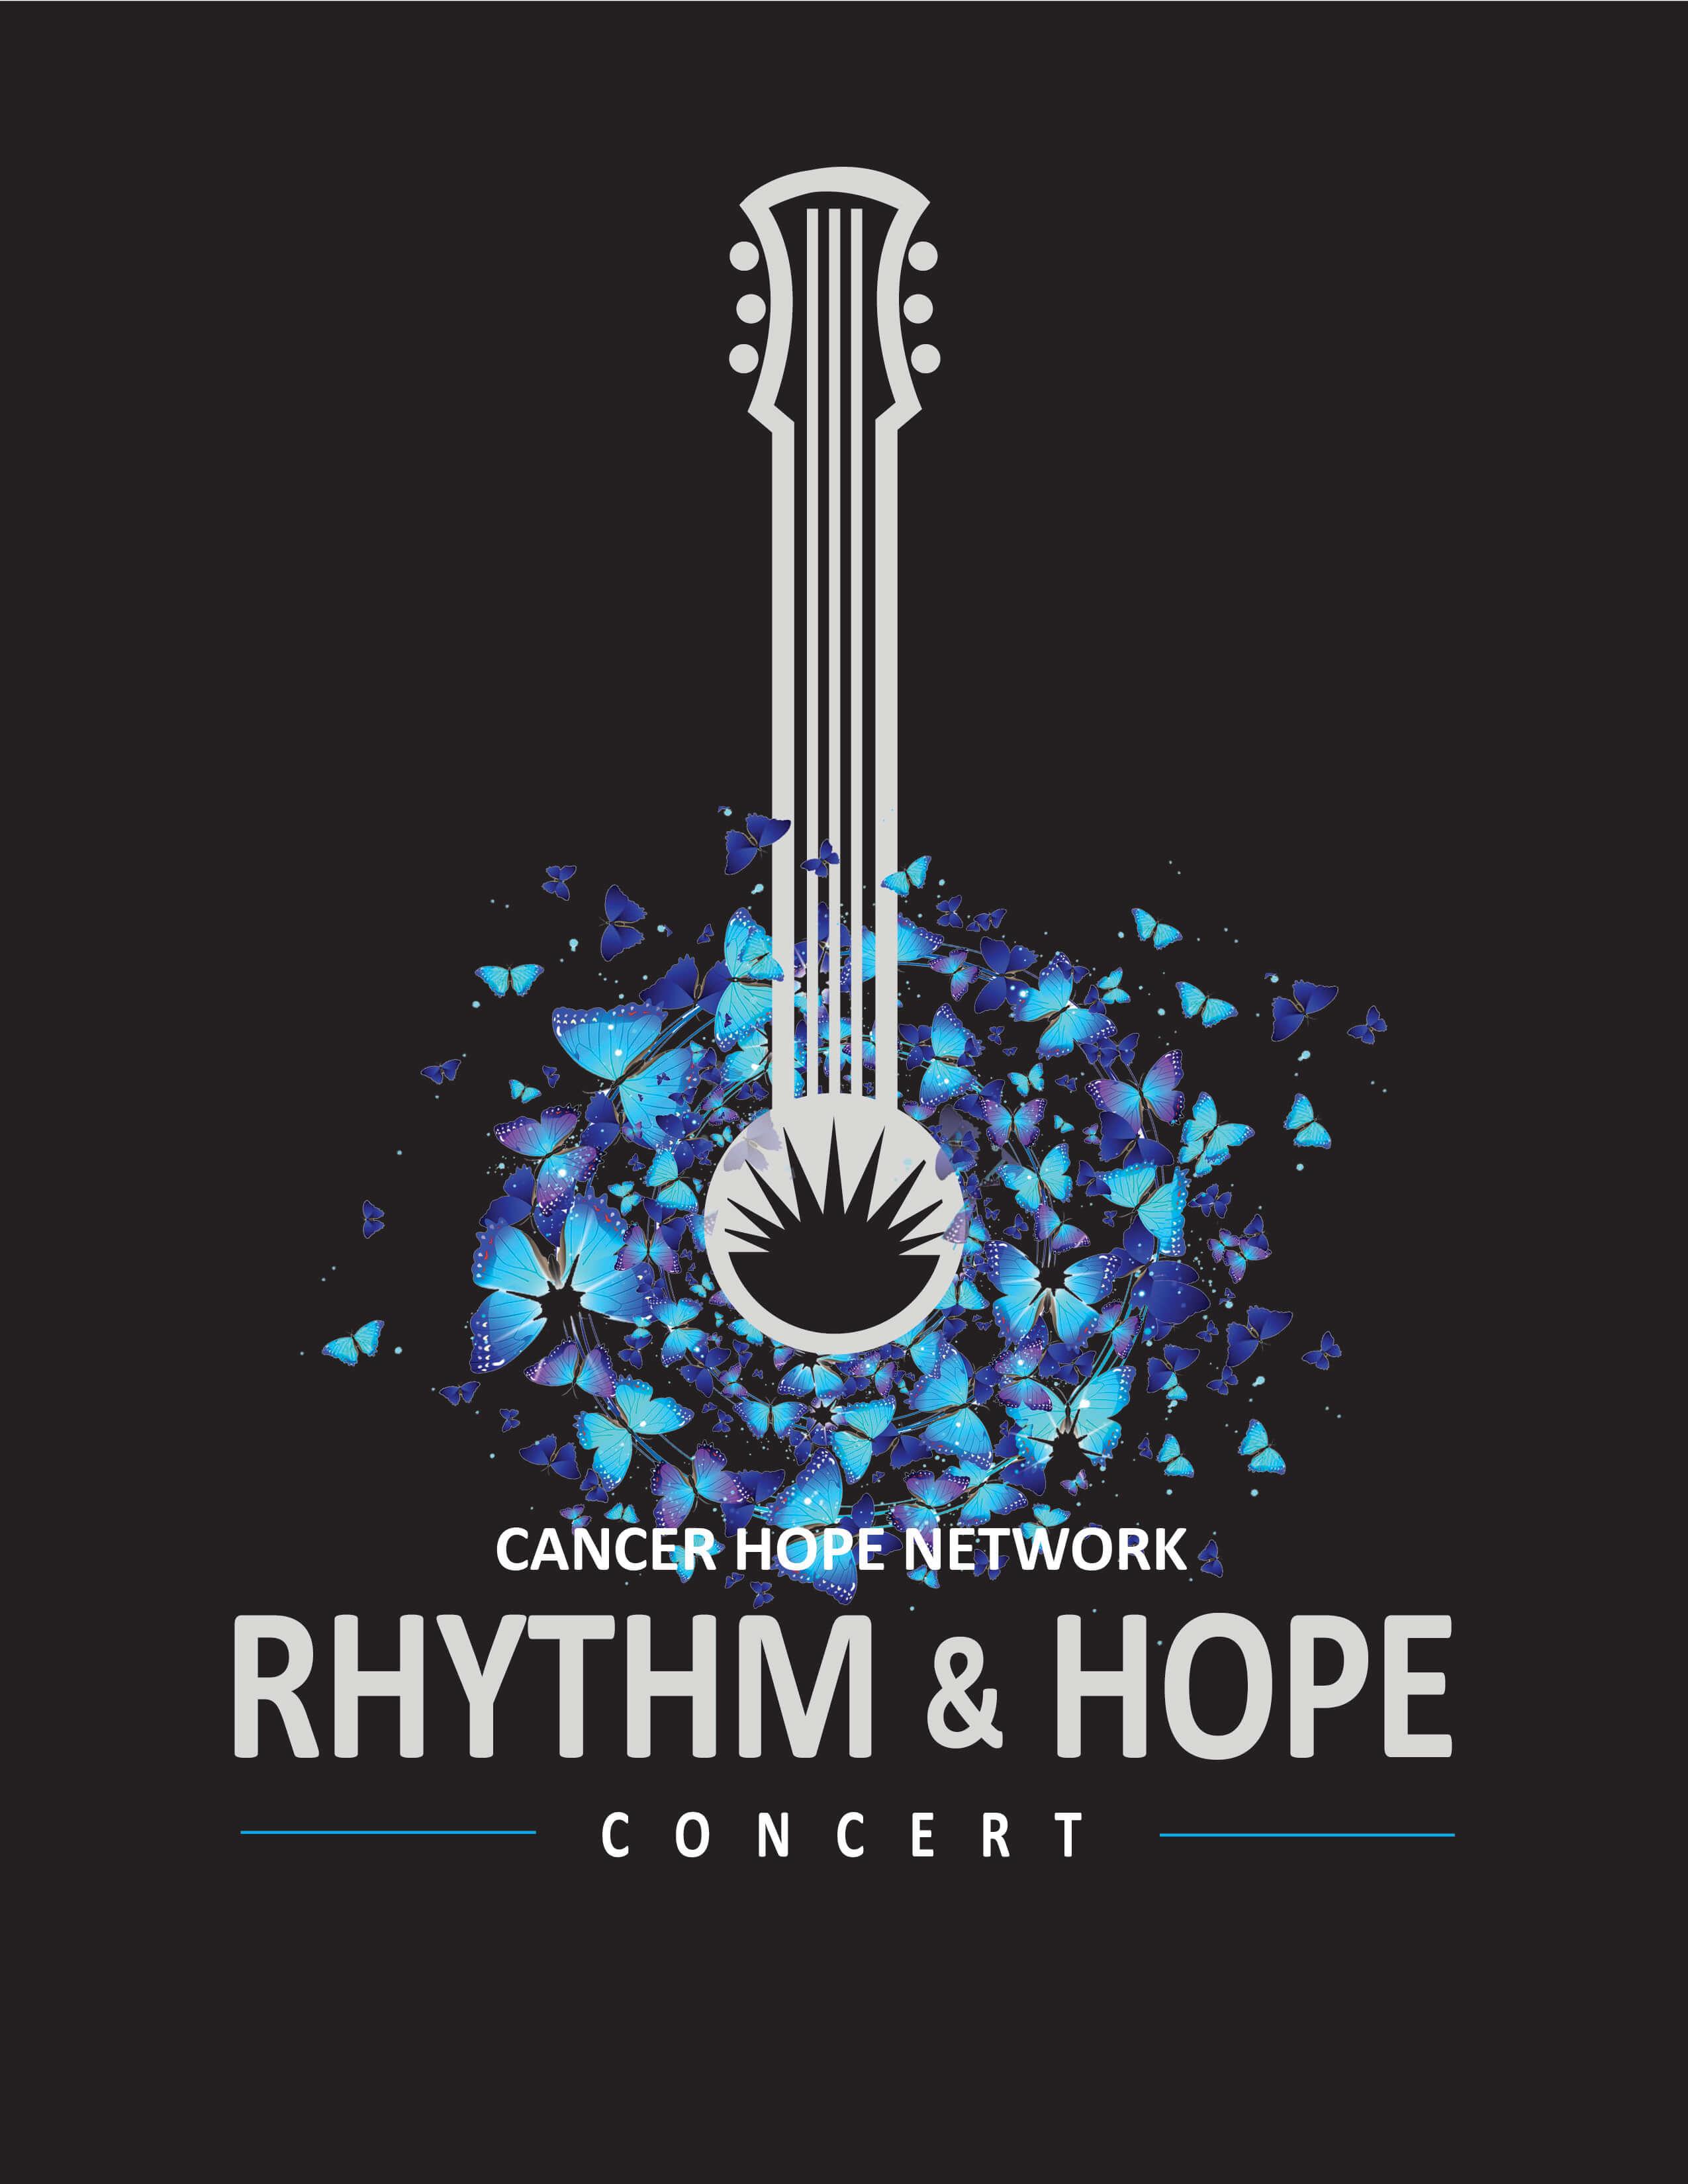 Rhythm & Hope Concert